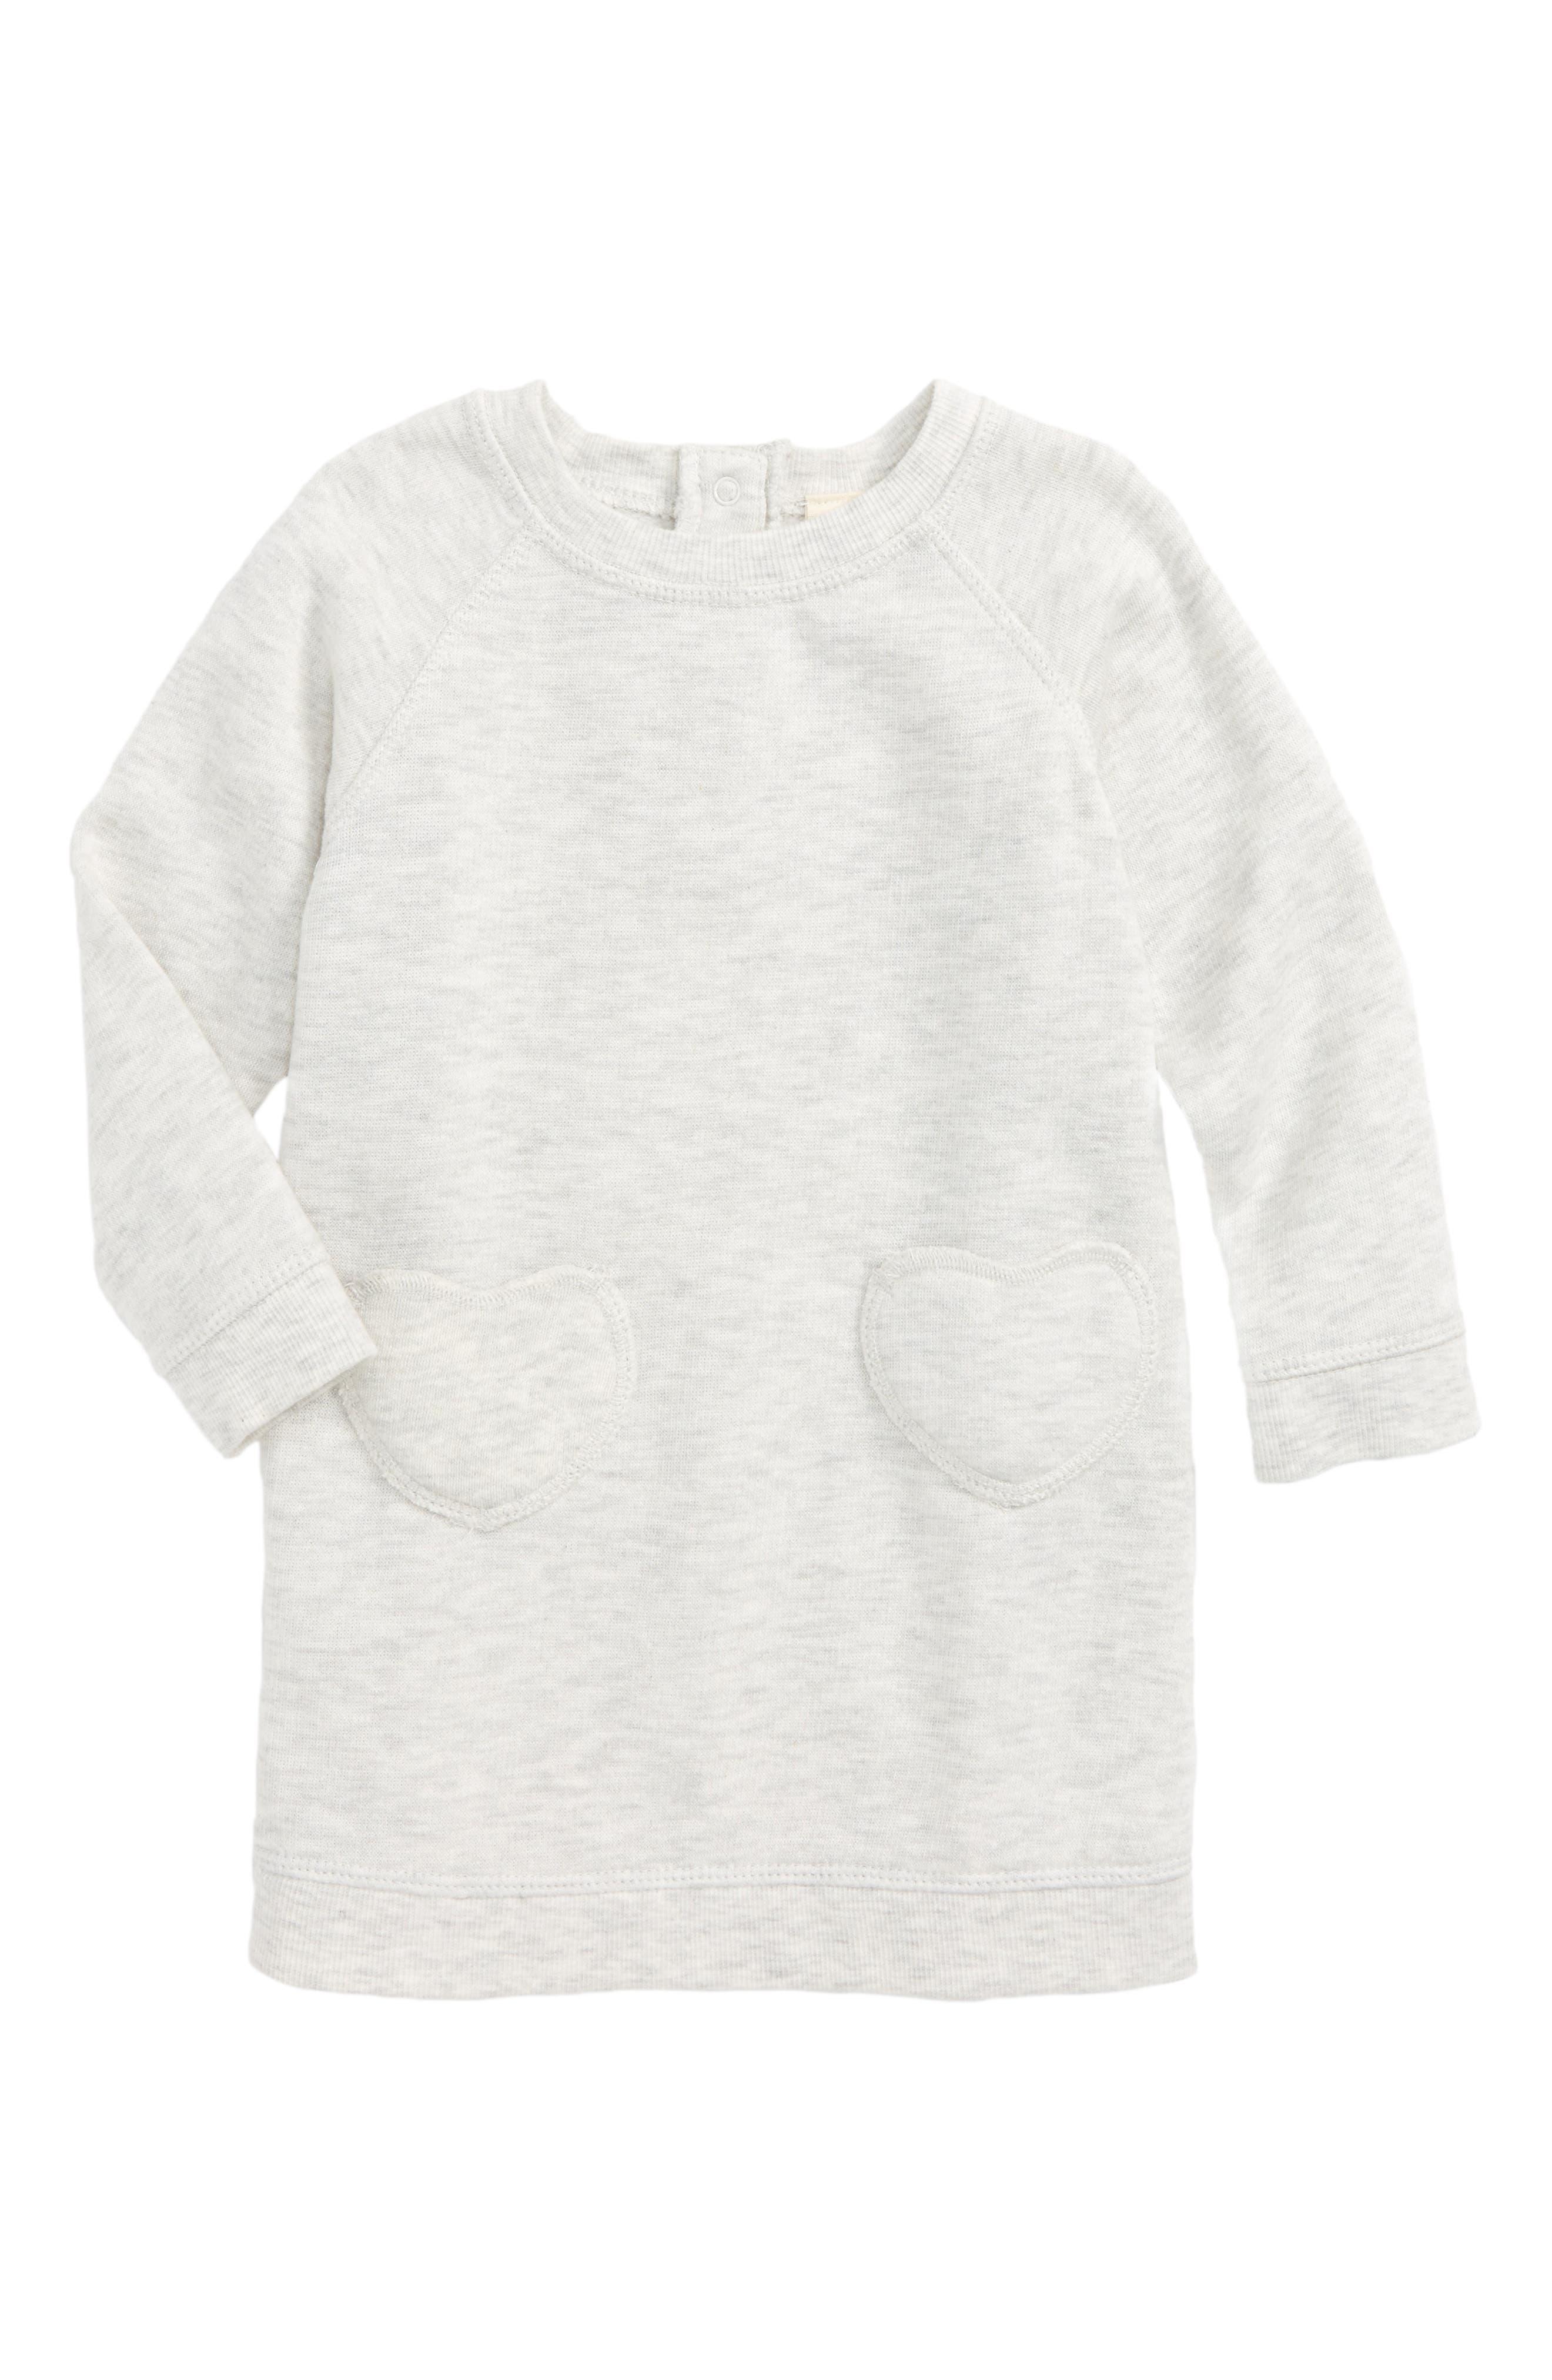 Tucker + Tate Sweatshirt Dress (Baby Girls)